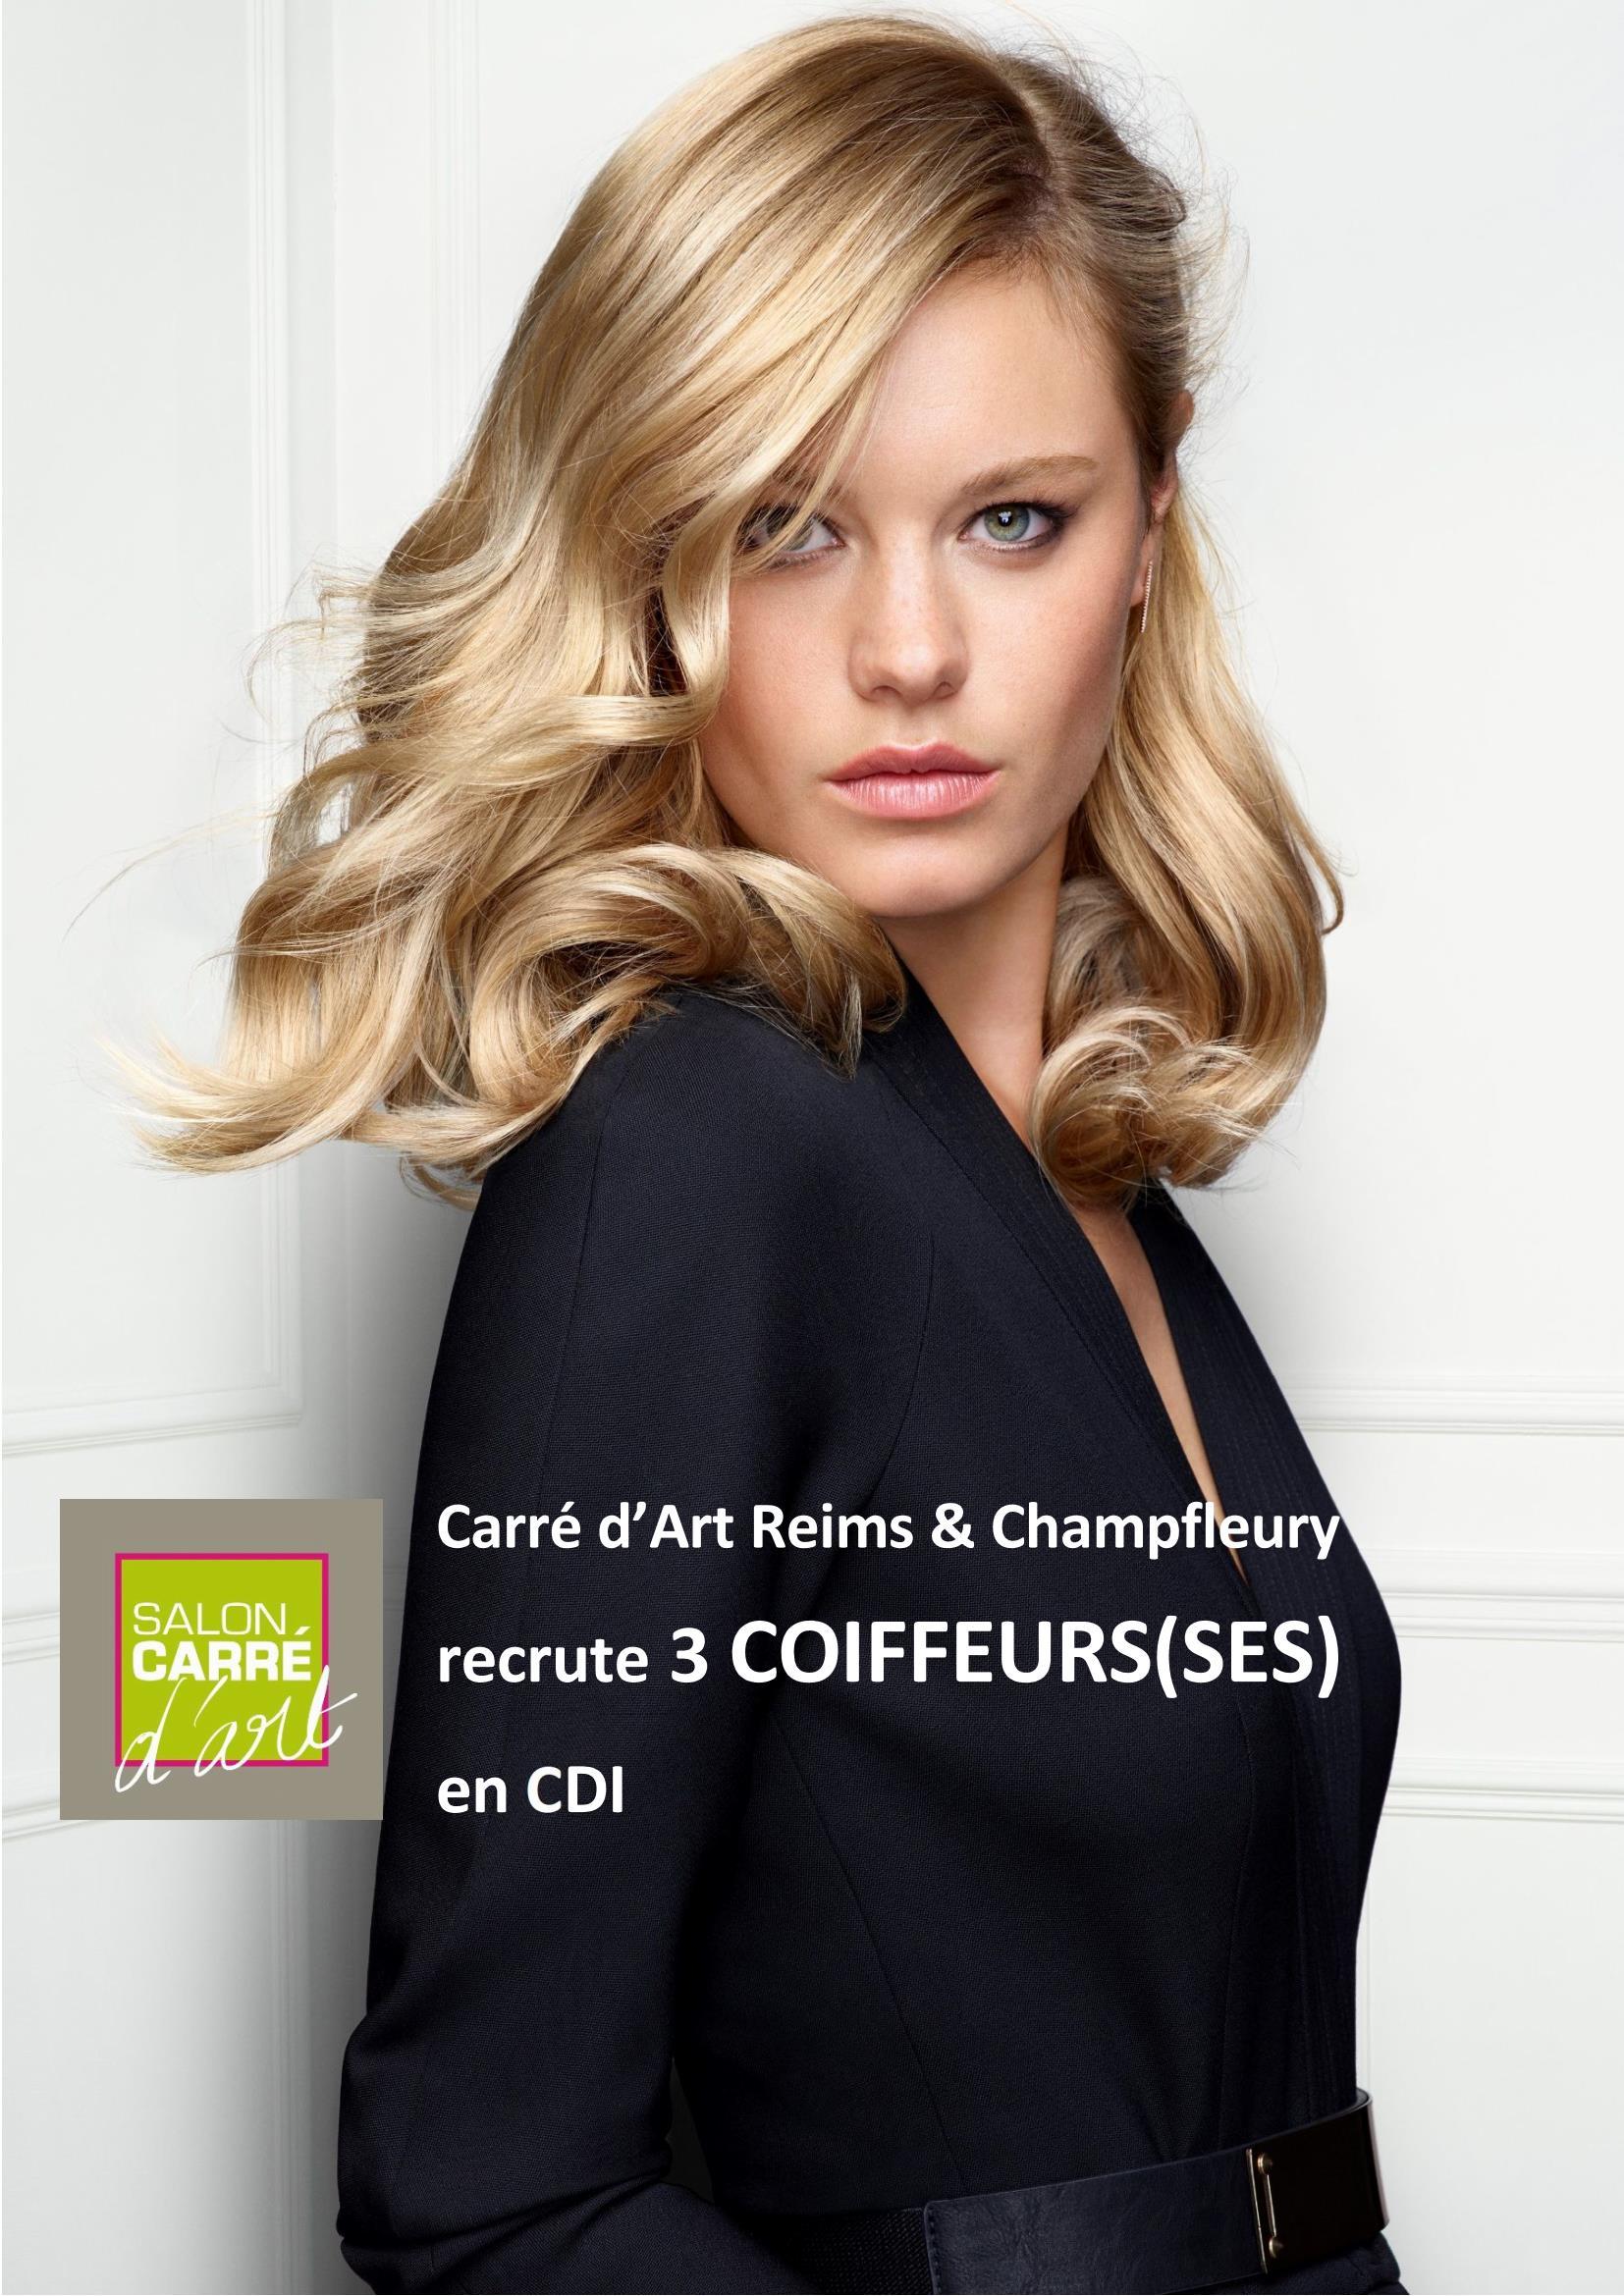 OFFRE D'EMPLOI : Recrutement COIFFEUR/COIFFEUSE